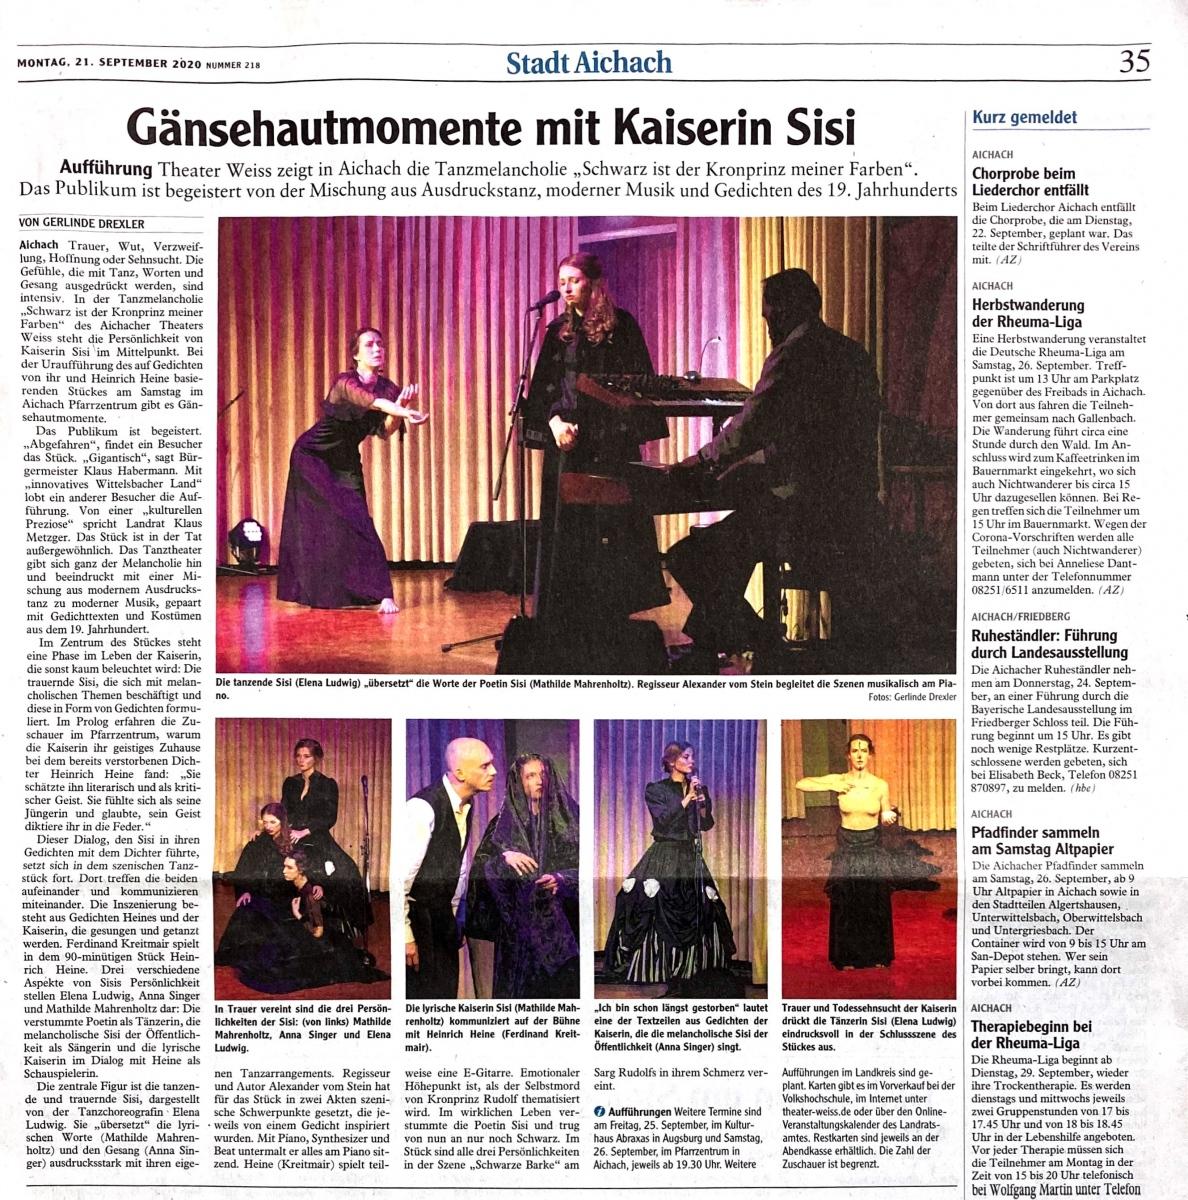 Theater-Weiss-Sisi-Presse-Urauffuehrung-Seite-2